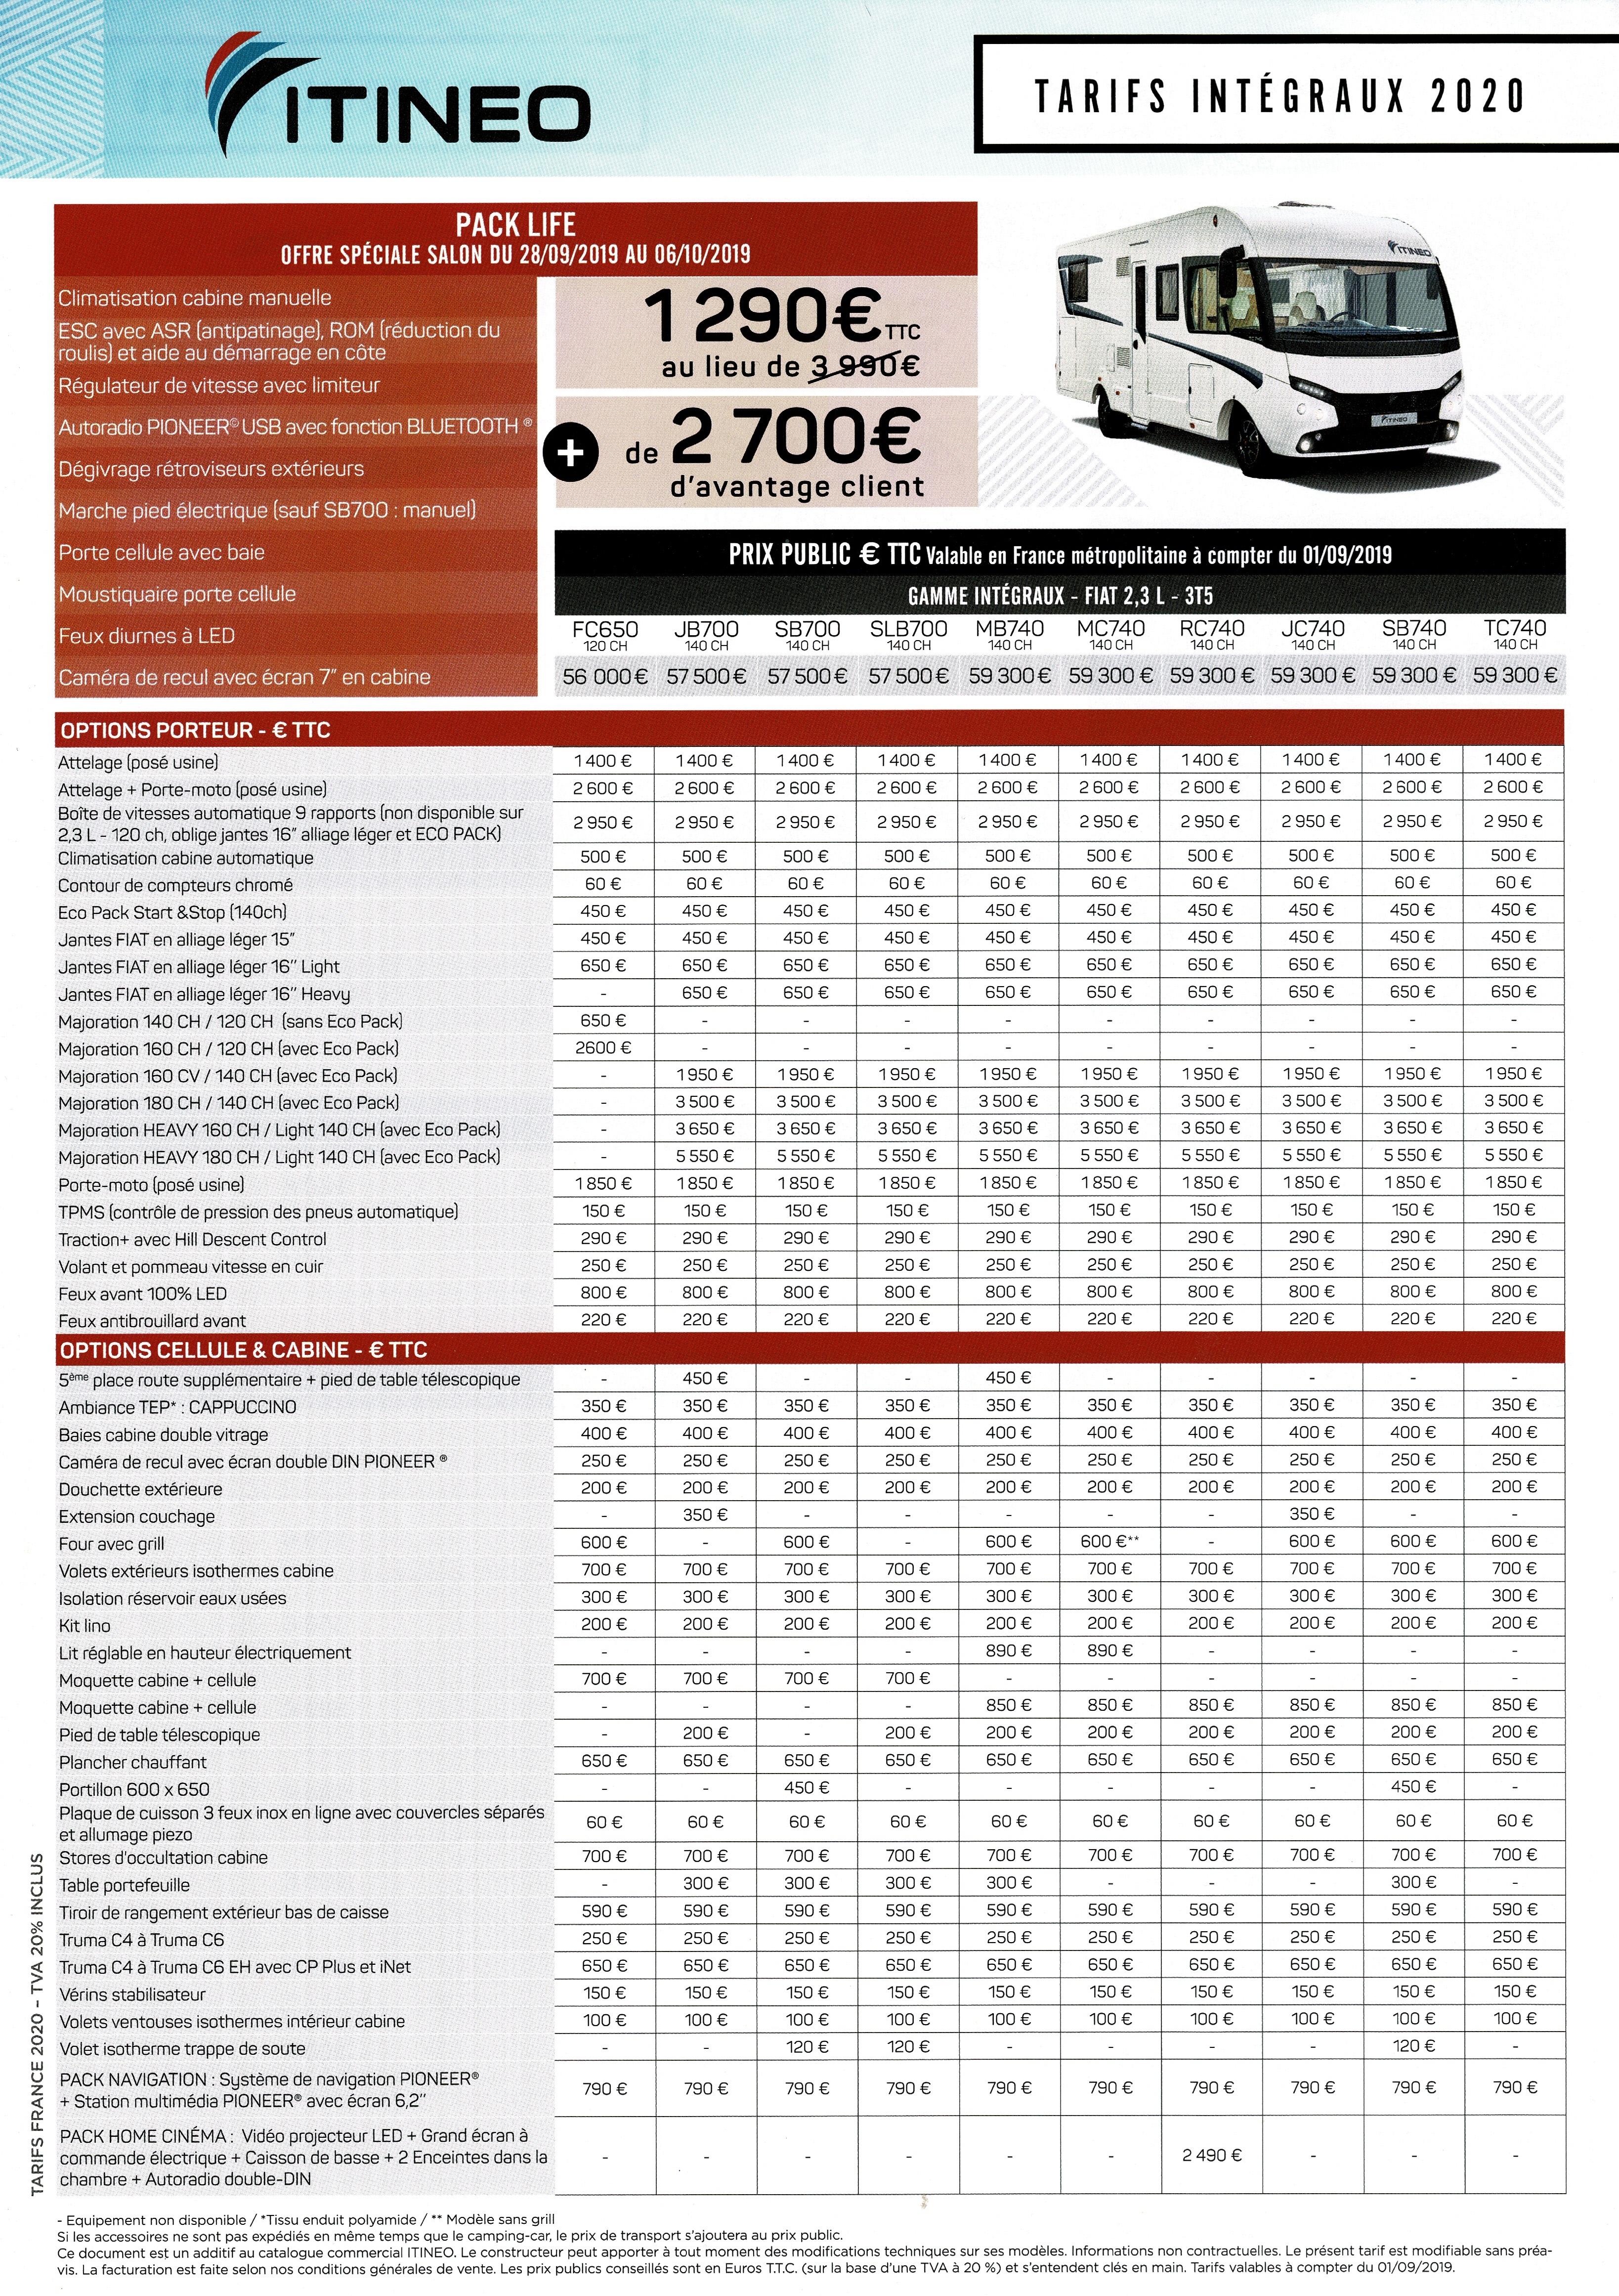 Tarifs France intégraux 2020 Tariti17